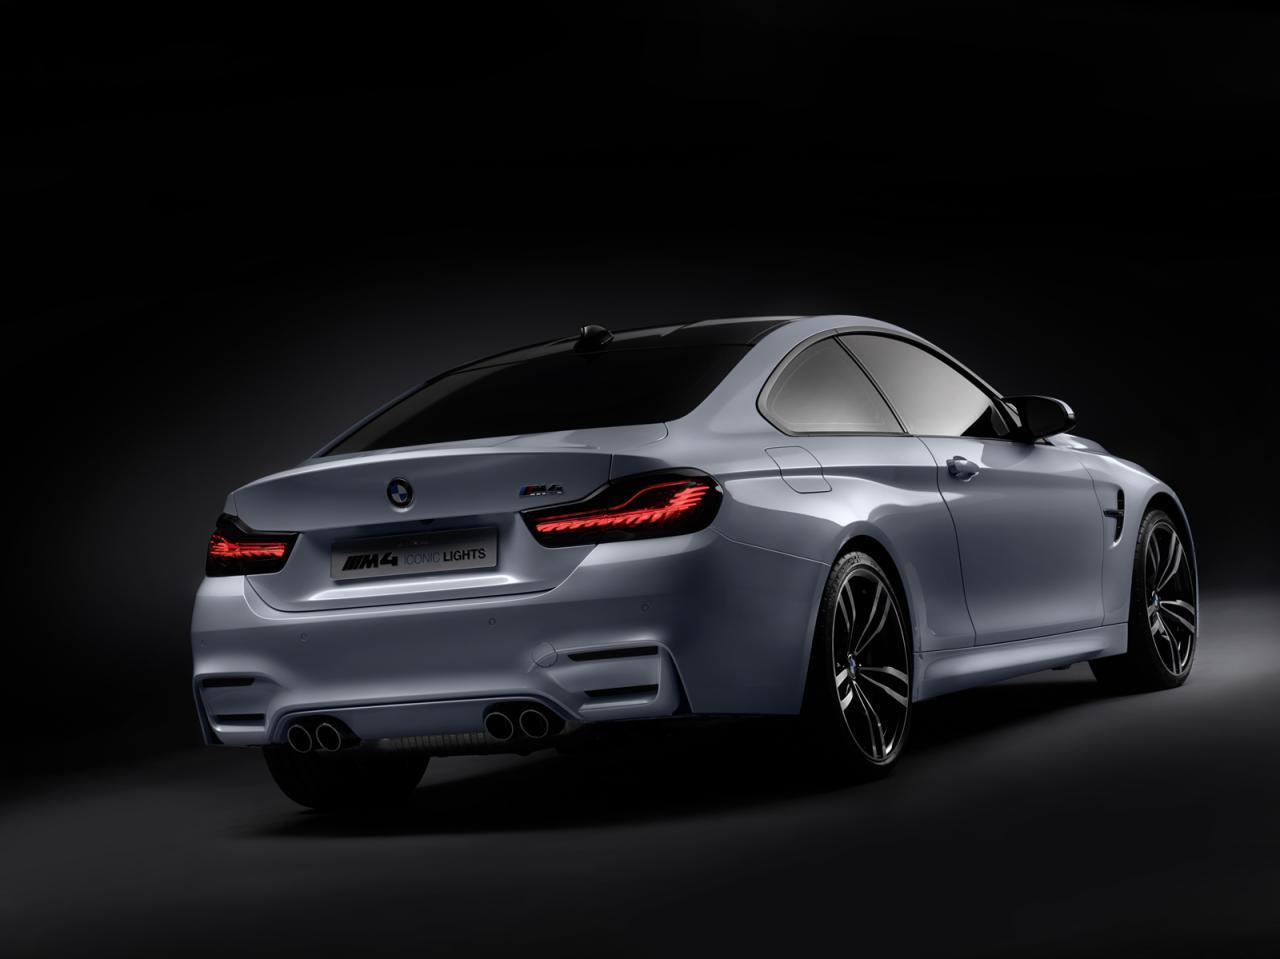 BMW M4 Concept Iconic Lights, brutal y anticipándonos el futuro próximo 4